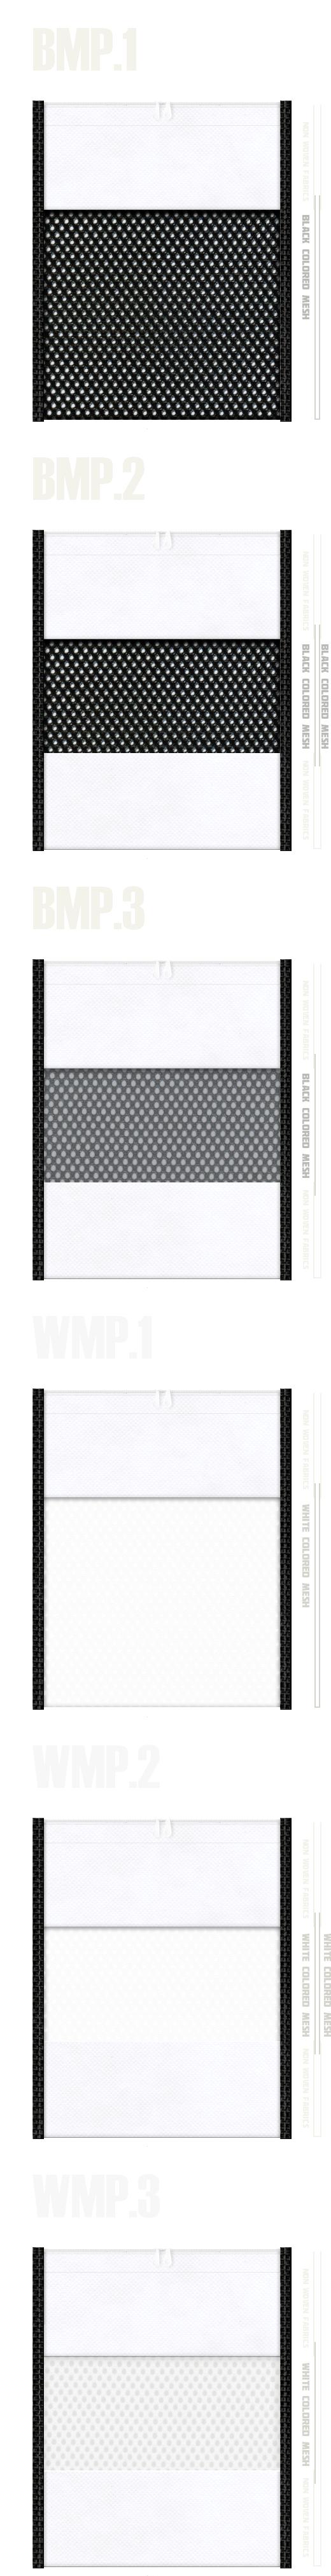 メッシュポーチのカラーシミュレーション:黒色・白色メッシュと白色不織布の組み合わせ